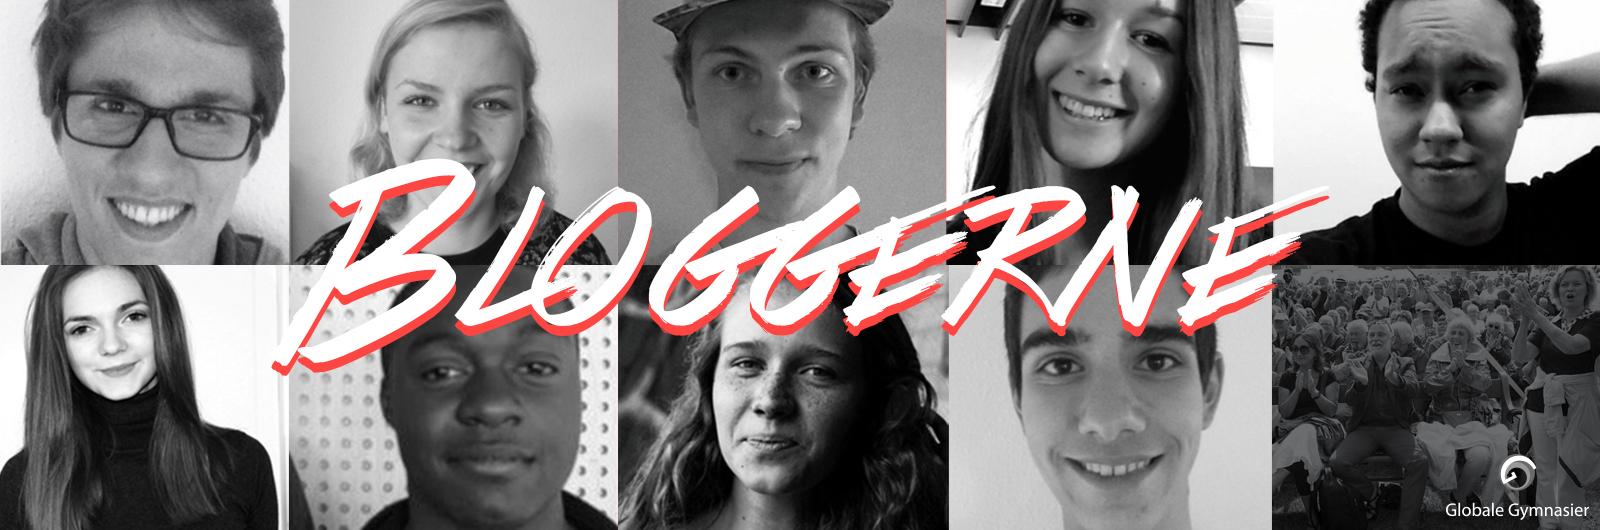 bloggere_2